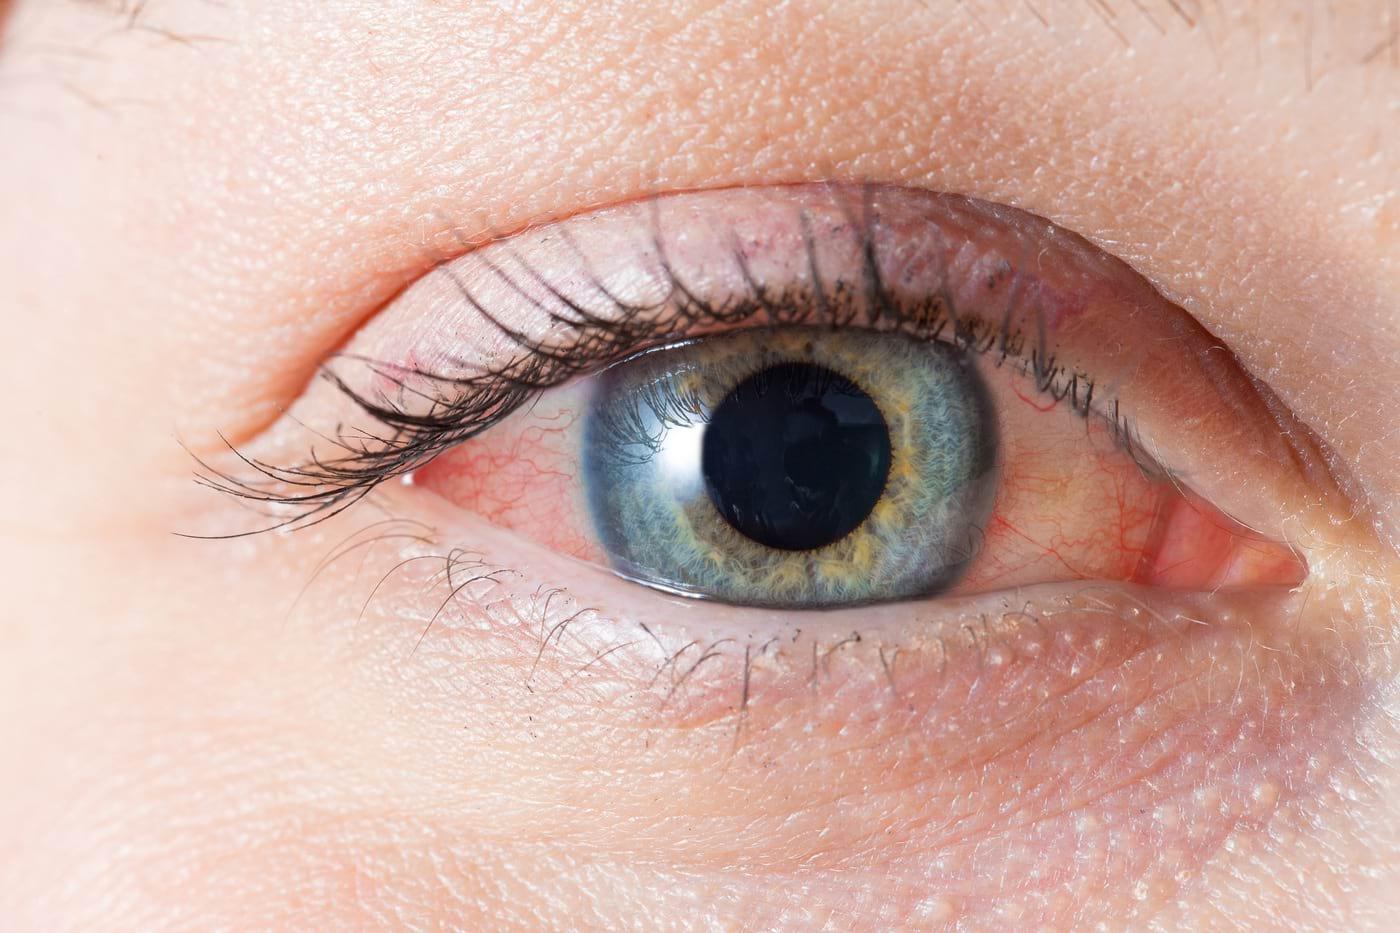 ochii obosesc vederea se agravează)